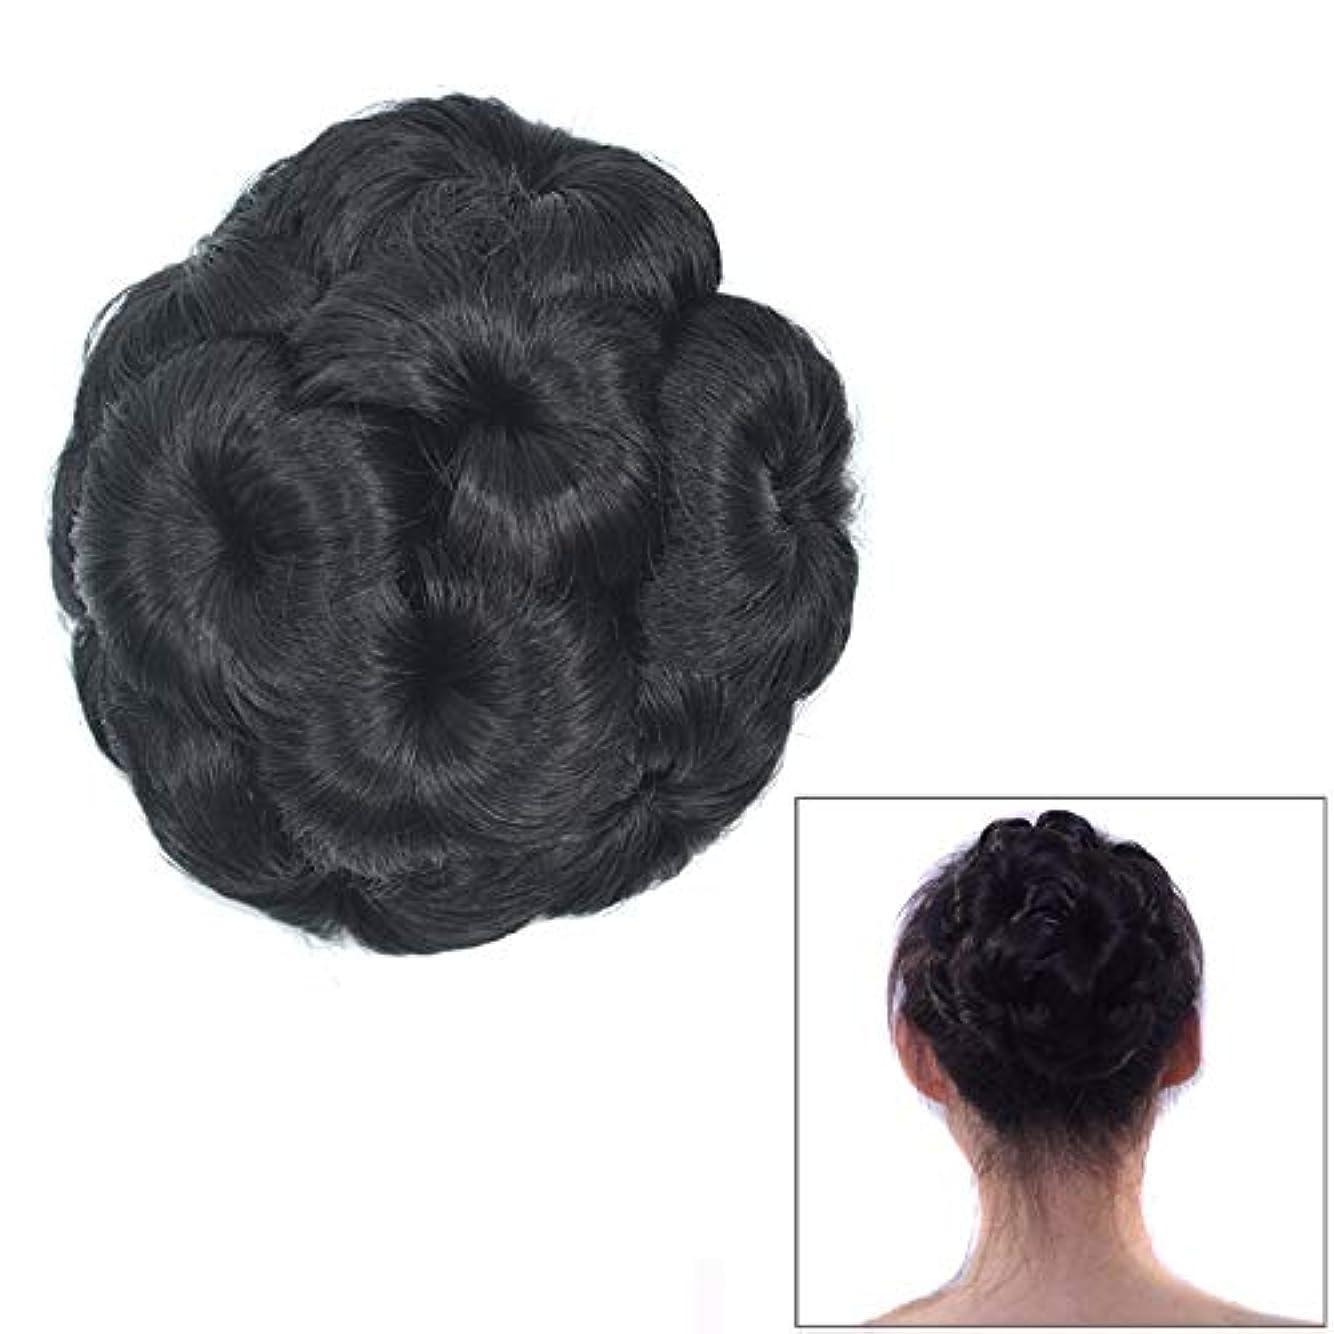 ダンス洗練された快適美しさ 花嫁のためのかつらボールヘッド花のヘアピンのヘアバッグかつらヘッドバンド ヘア&シェービング (色 : Black)